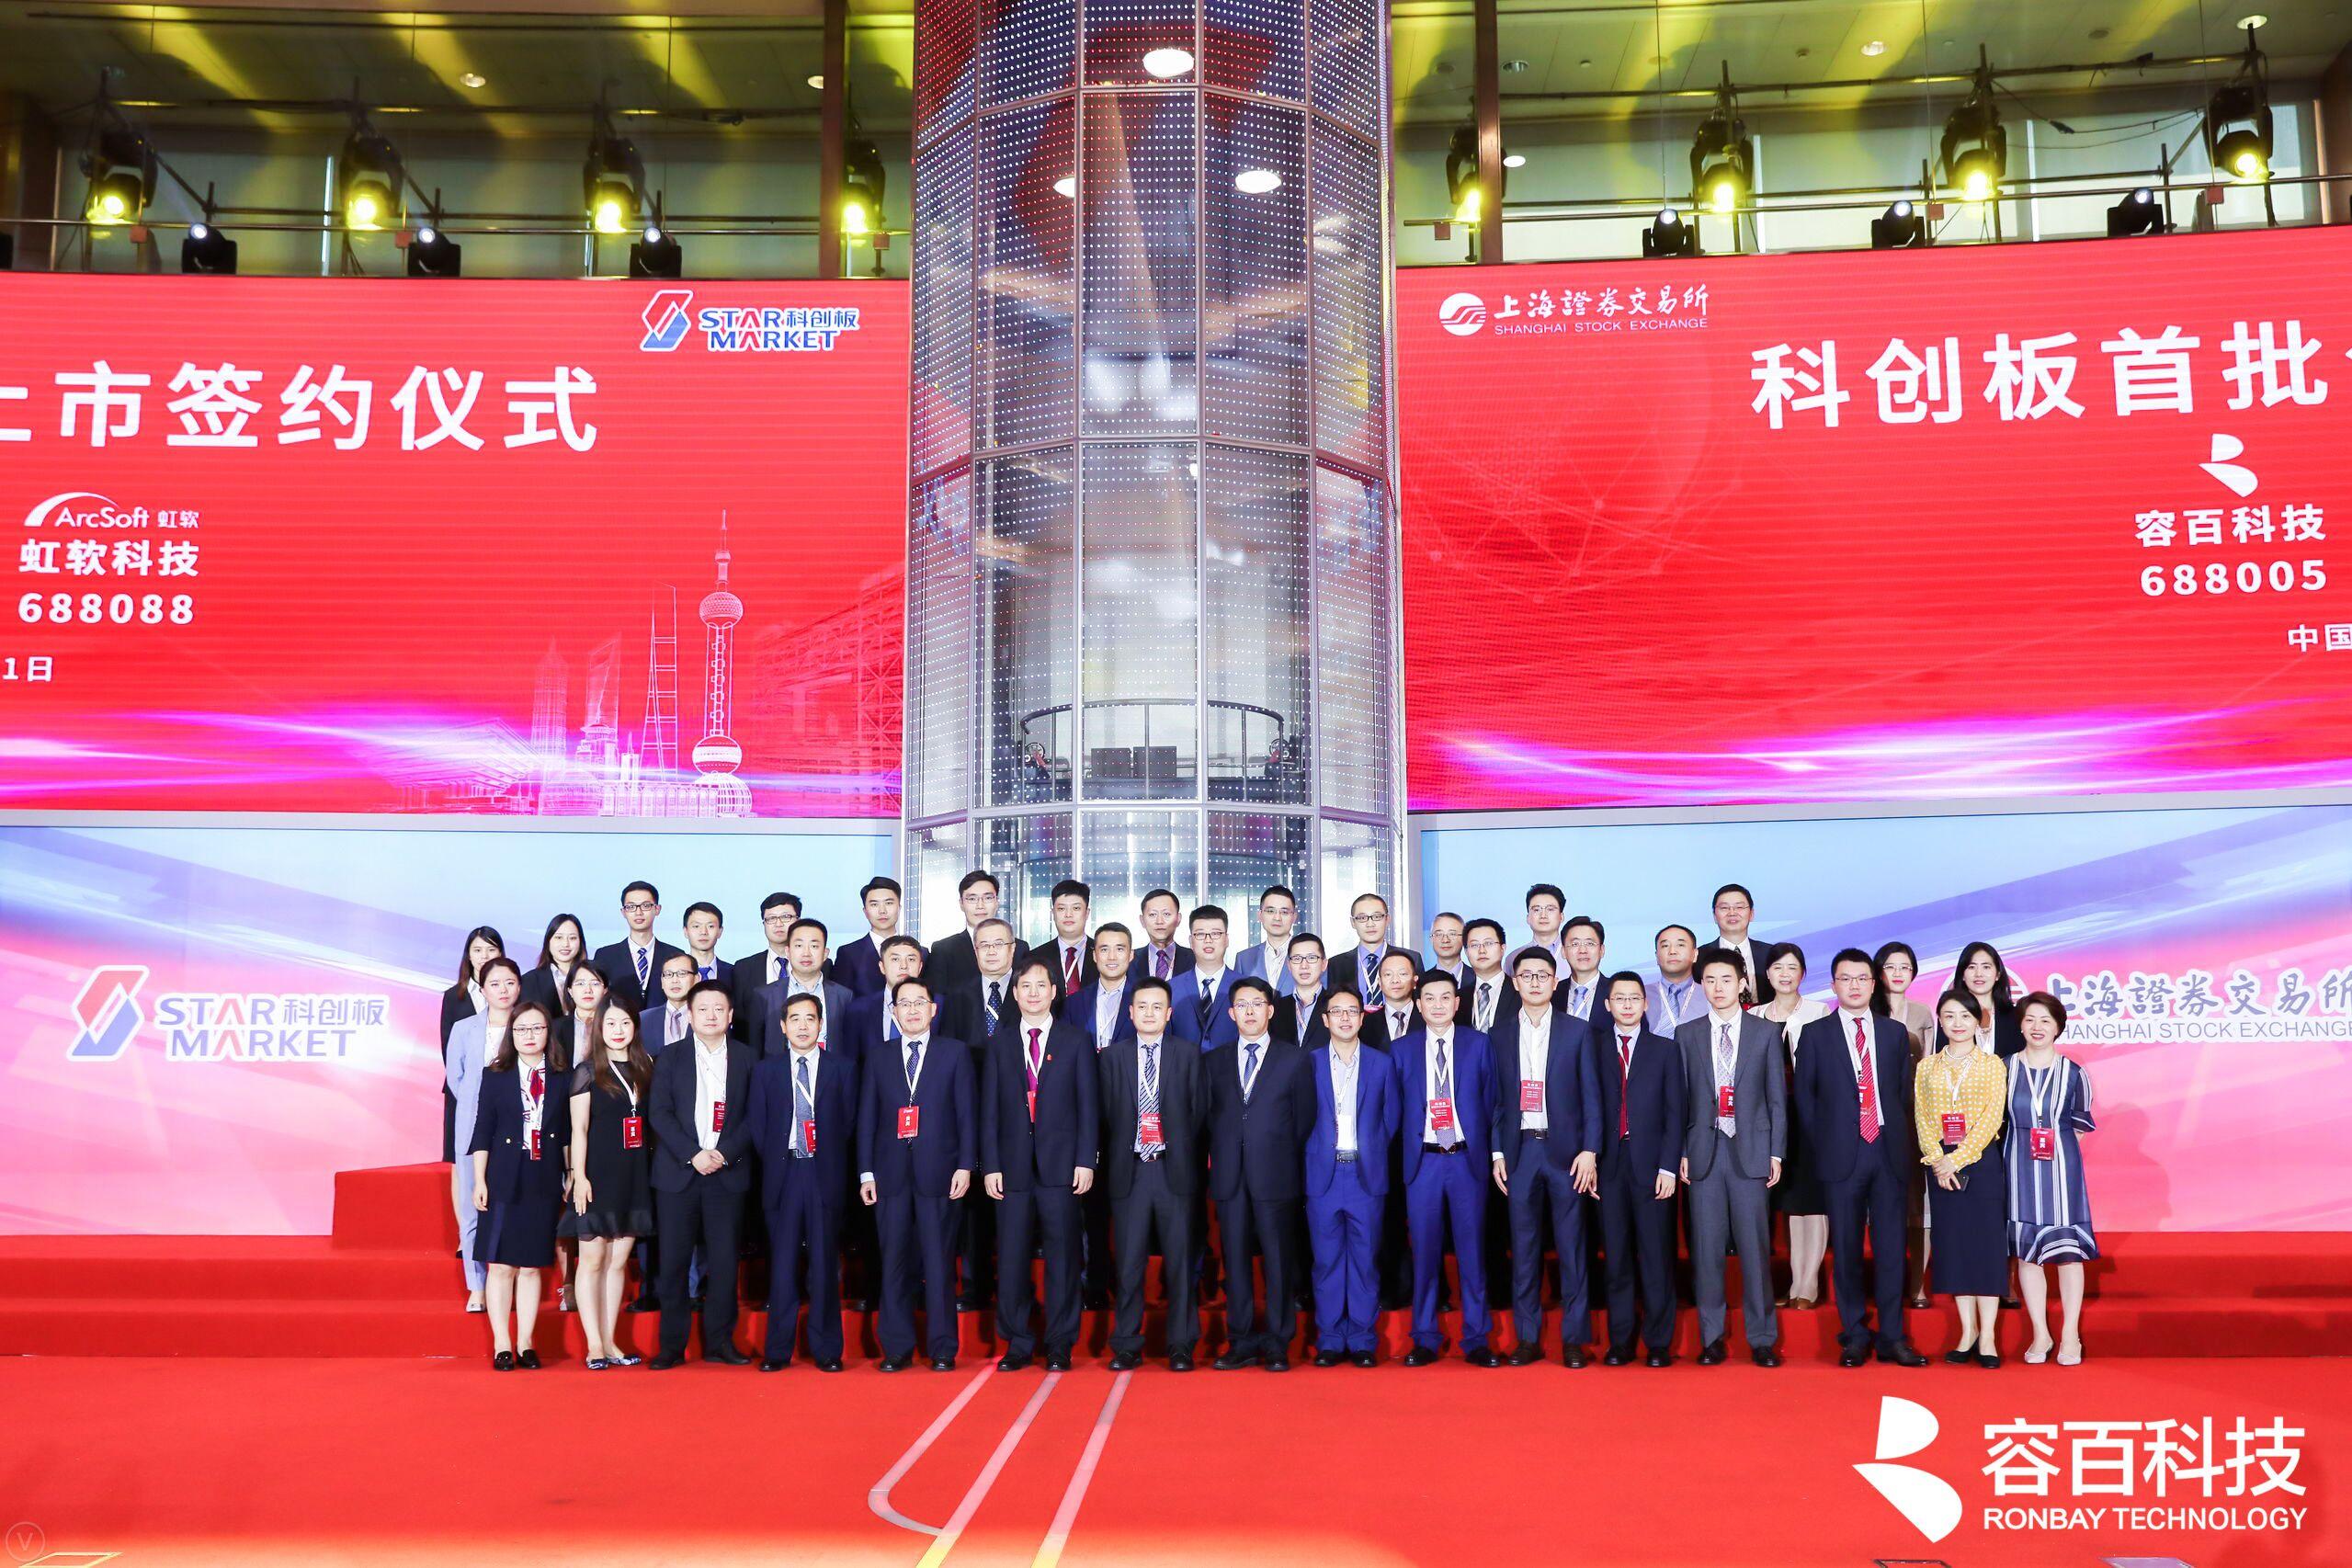 容百科技中报营收12.32亿 高镍NCM811材料销量同比增长87%